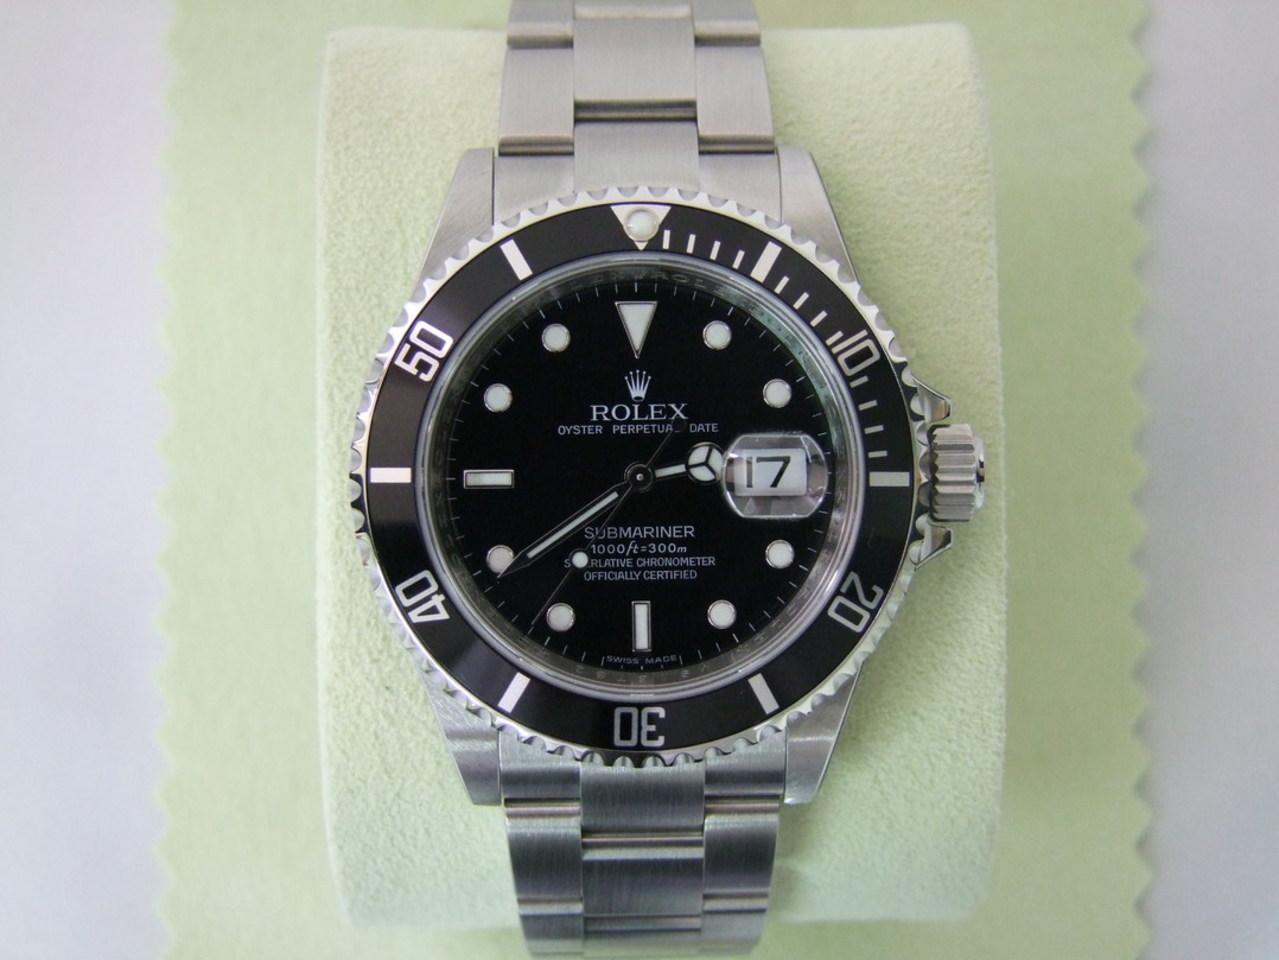 ロレックス・高級時計高価買取り   松戸   安心と信頼の「おたからや五香店」